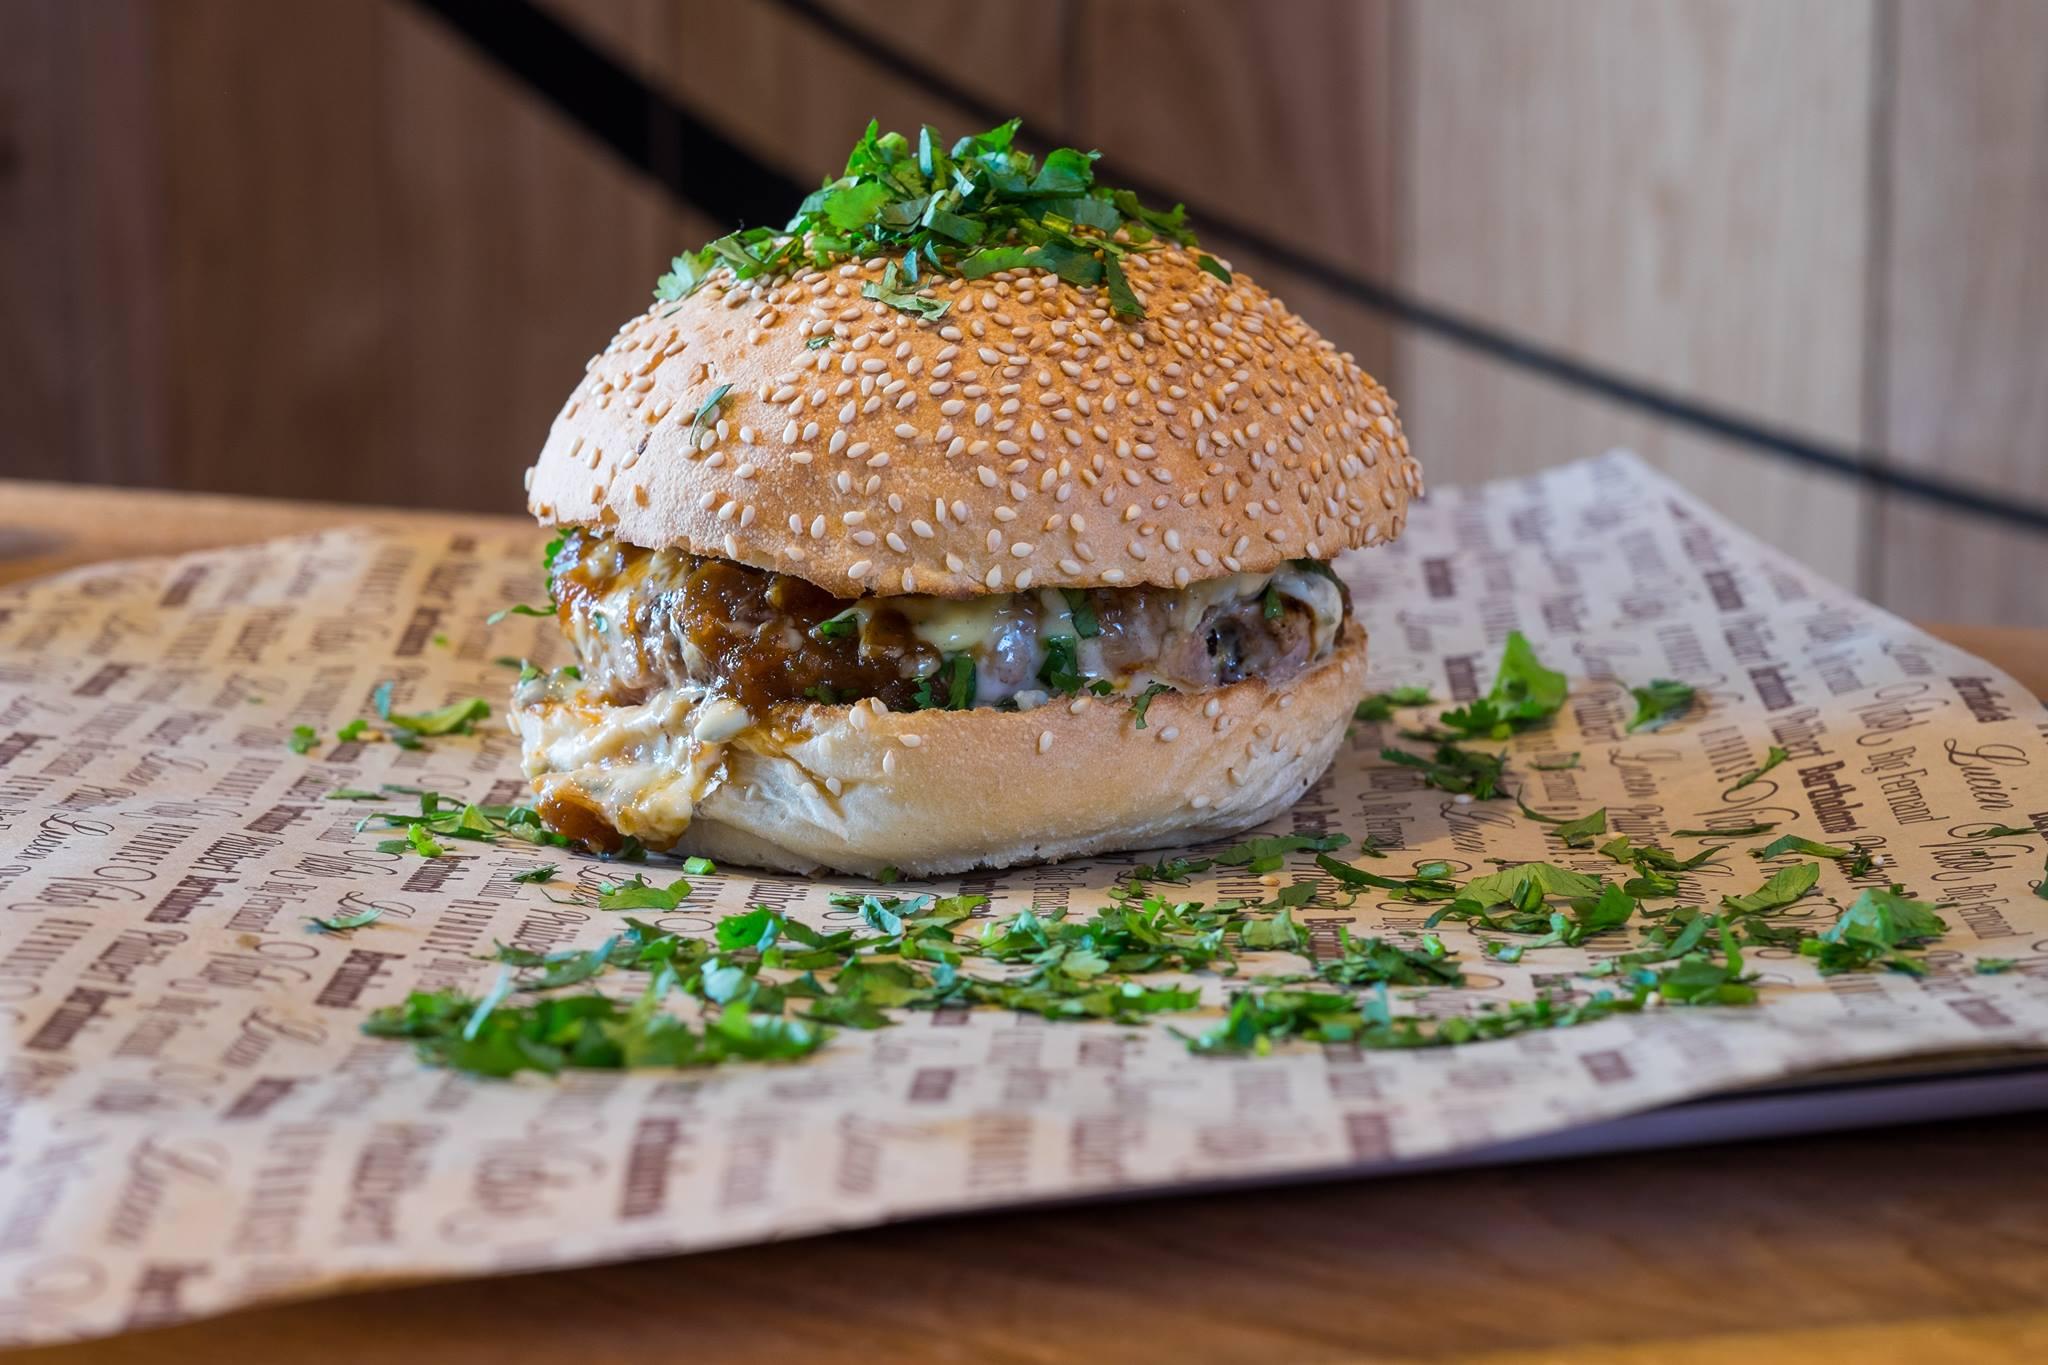 """Big Fernand, Paris - Esta é uma rede nova, fundada em Paris em 2012, que serve """"hambúrgueres"""" com um sotaque francês, além de queijos não pasteurizados em pão de forma com grãos. """"Fazem um bom trabalho"""", diz Garutti. Custam 12 euros."""